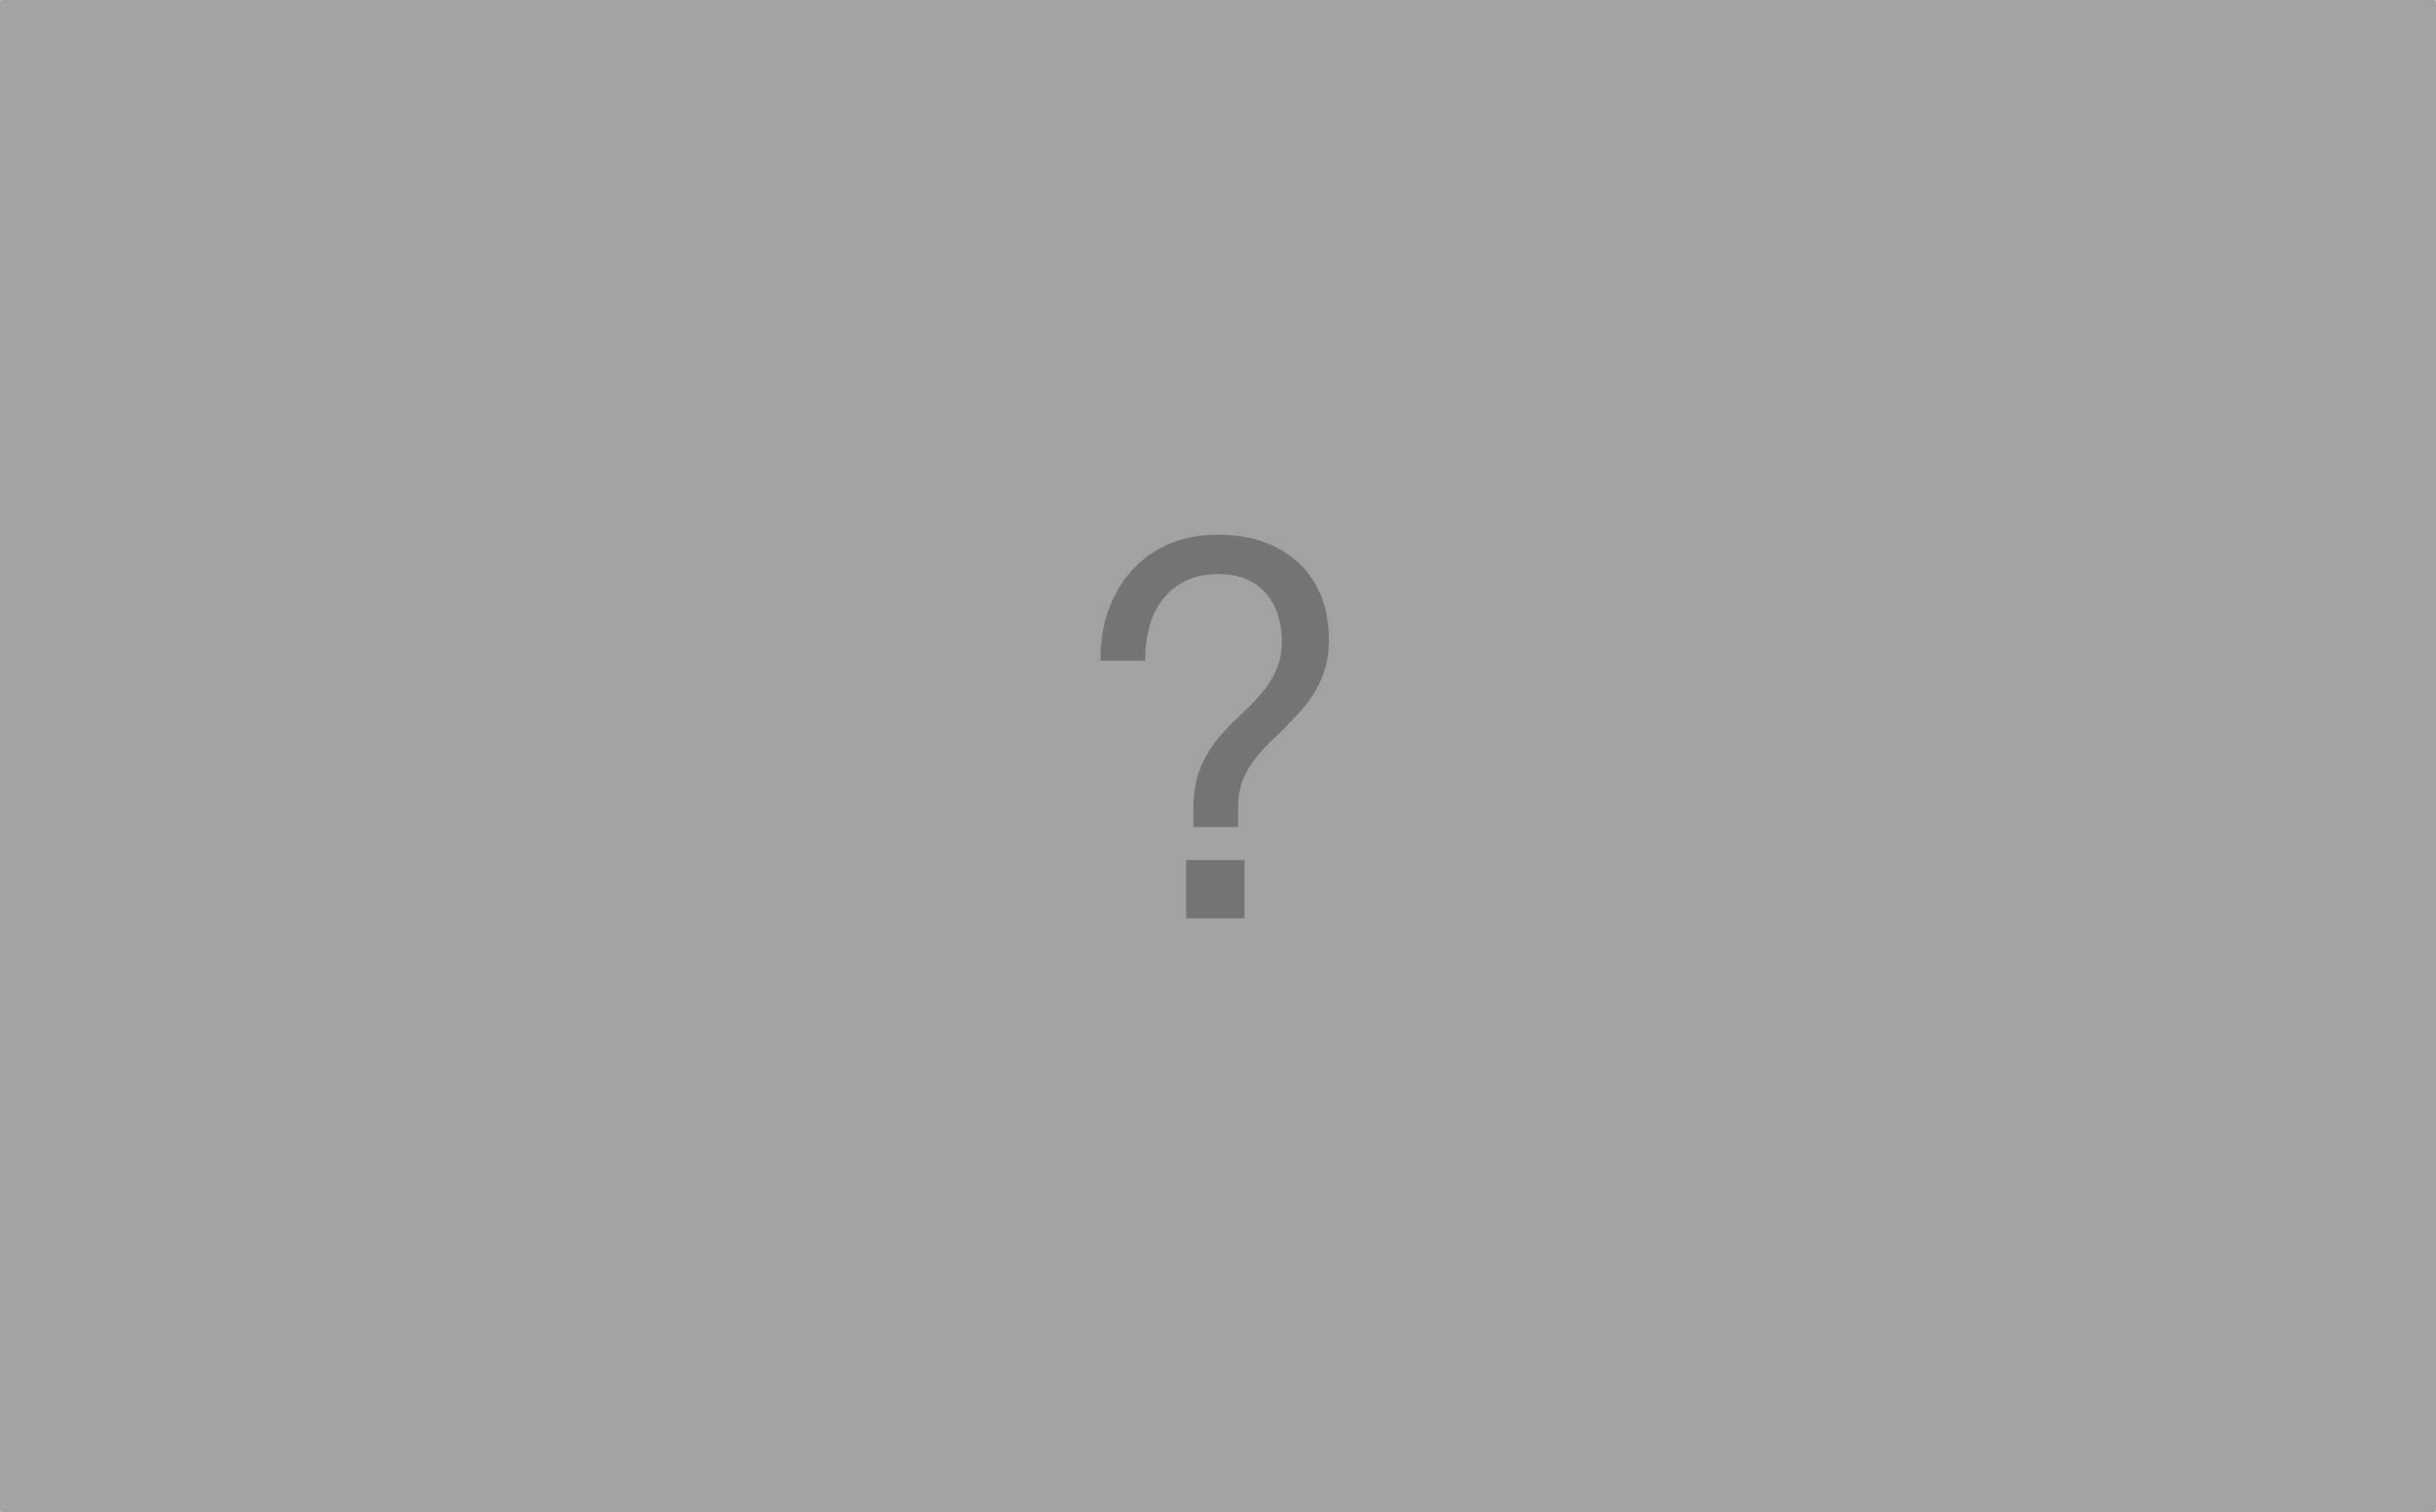 iPhone 8 doch erst im November: Hoffnung für Touch ID?